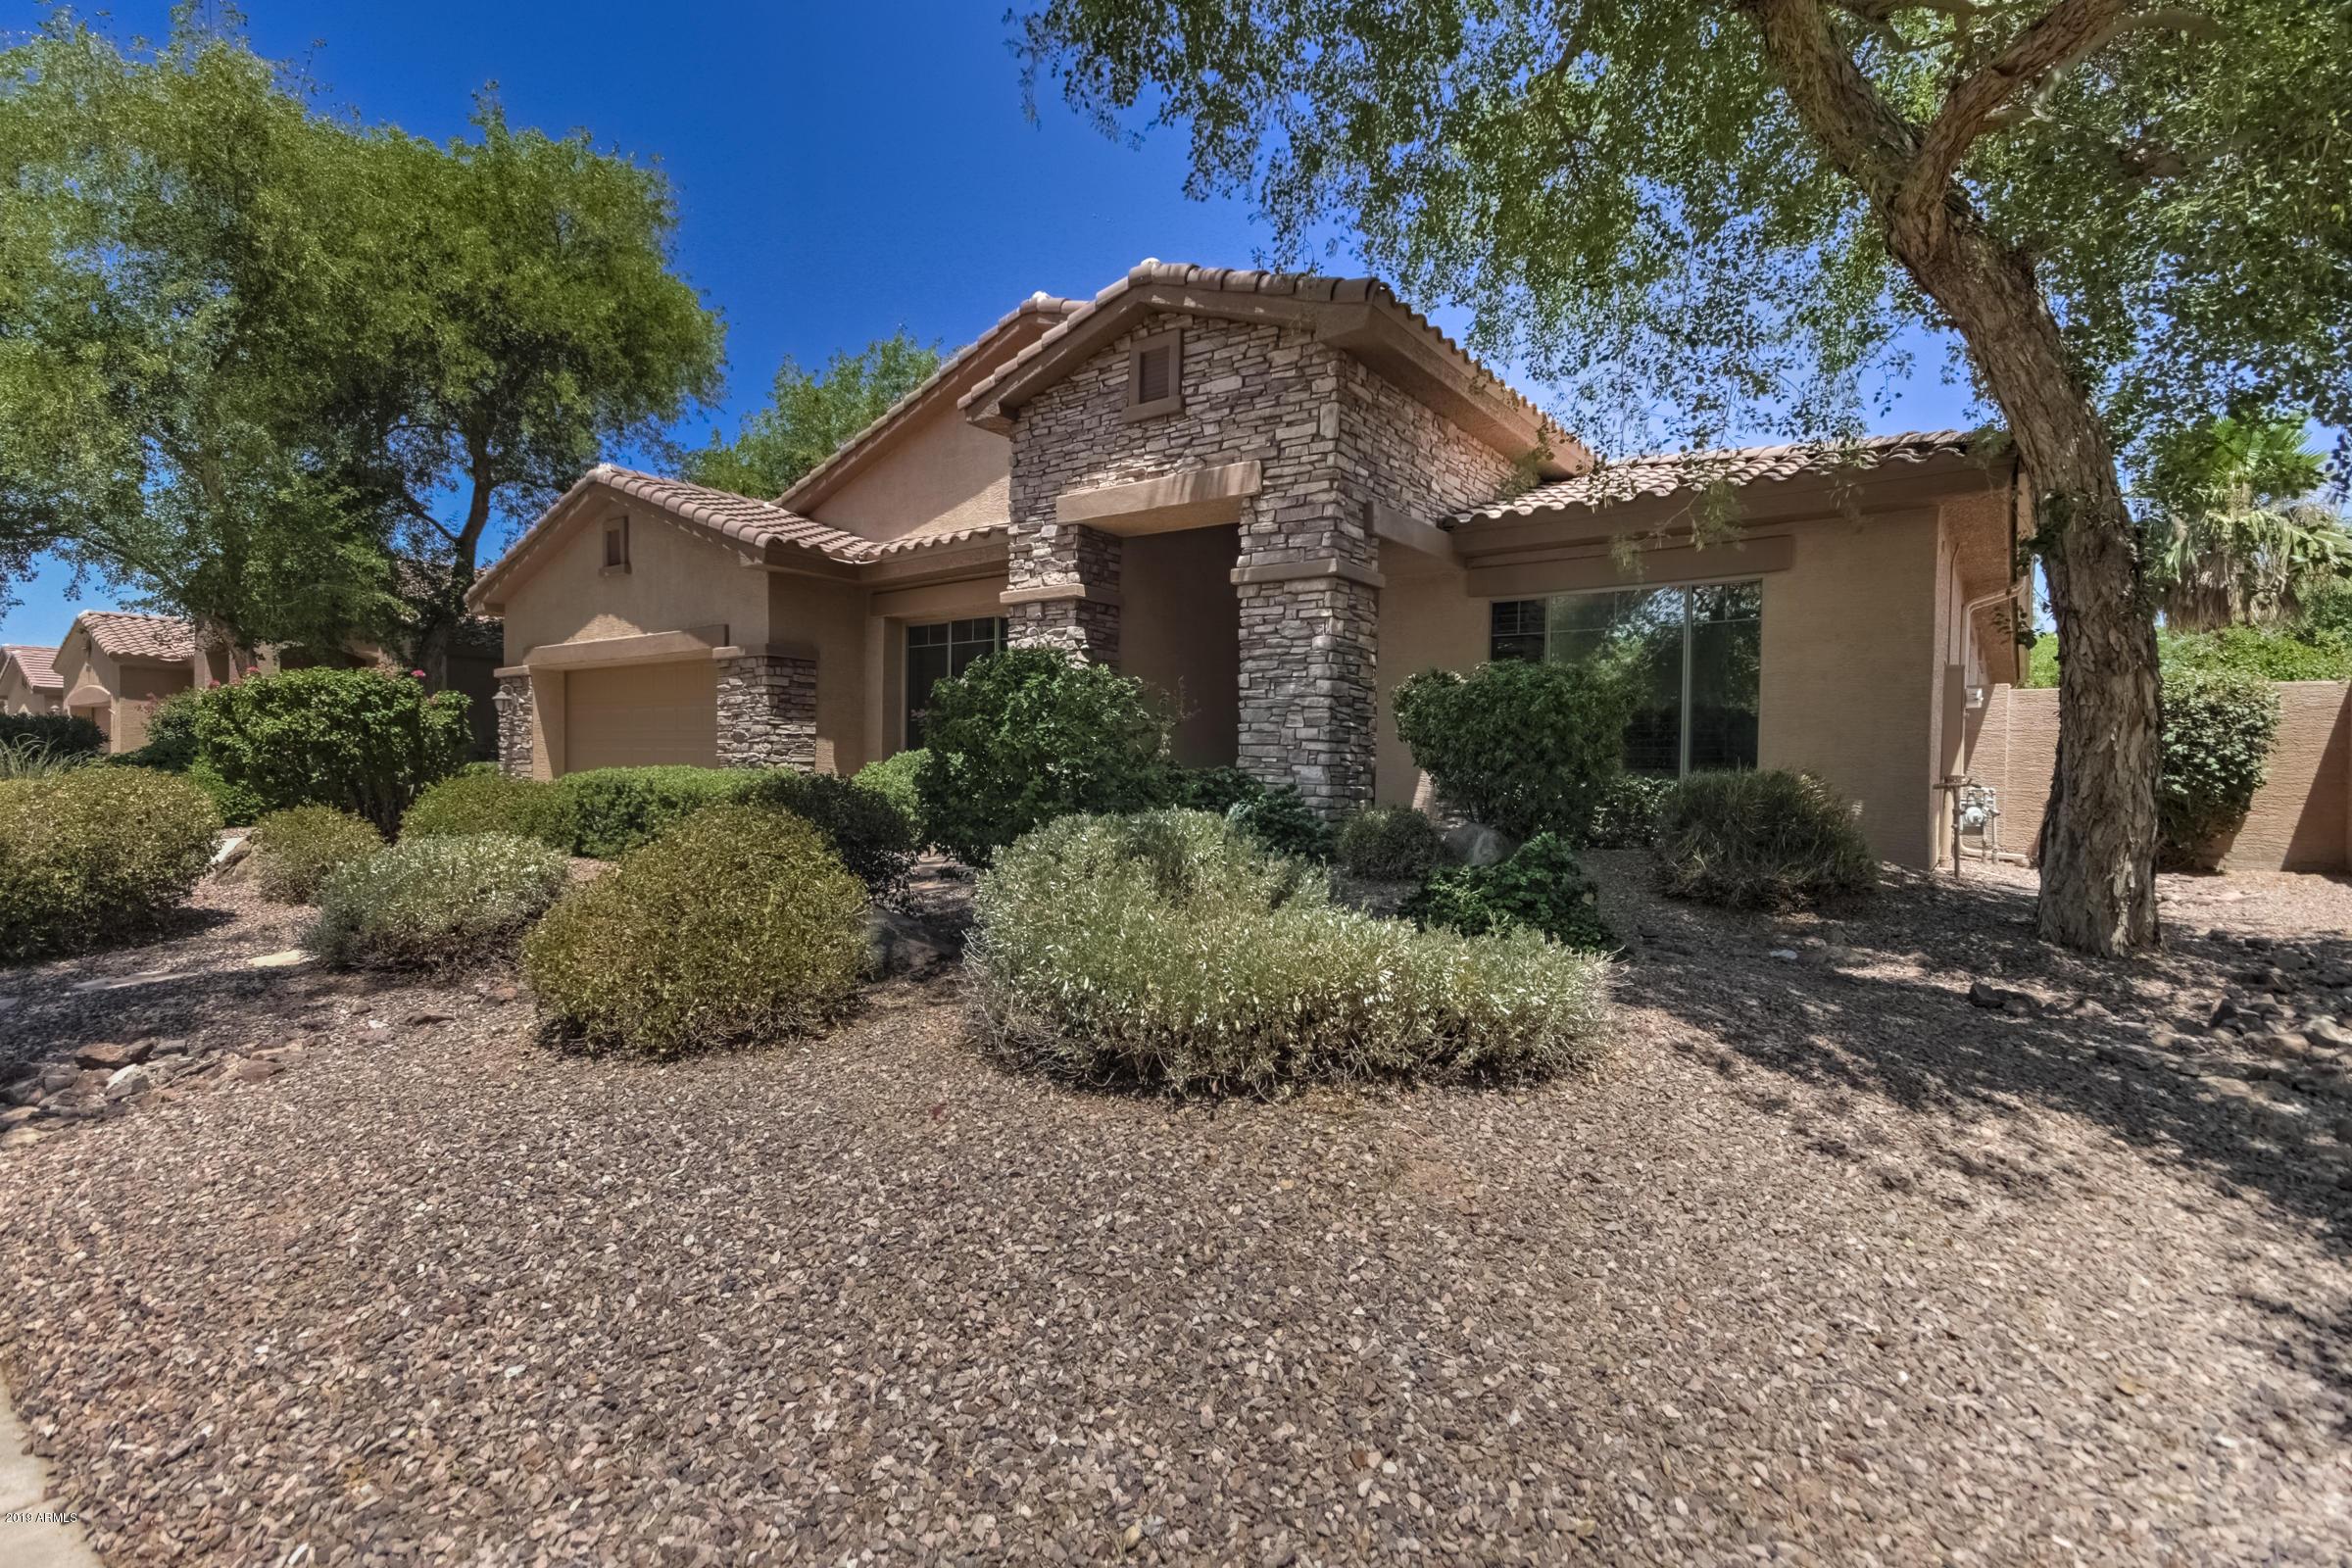 Photo of 4324 E Reins Road, Gilbert, AZ 85297